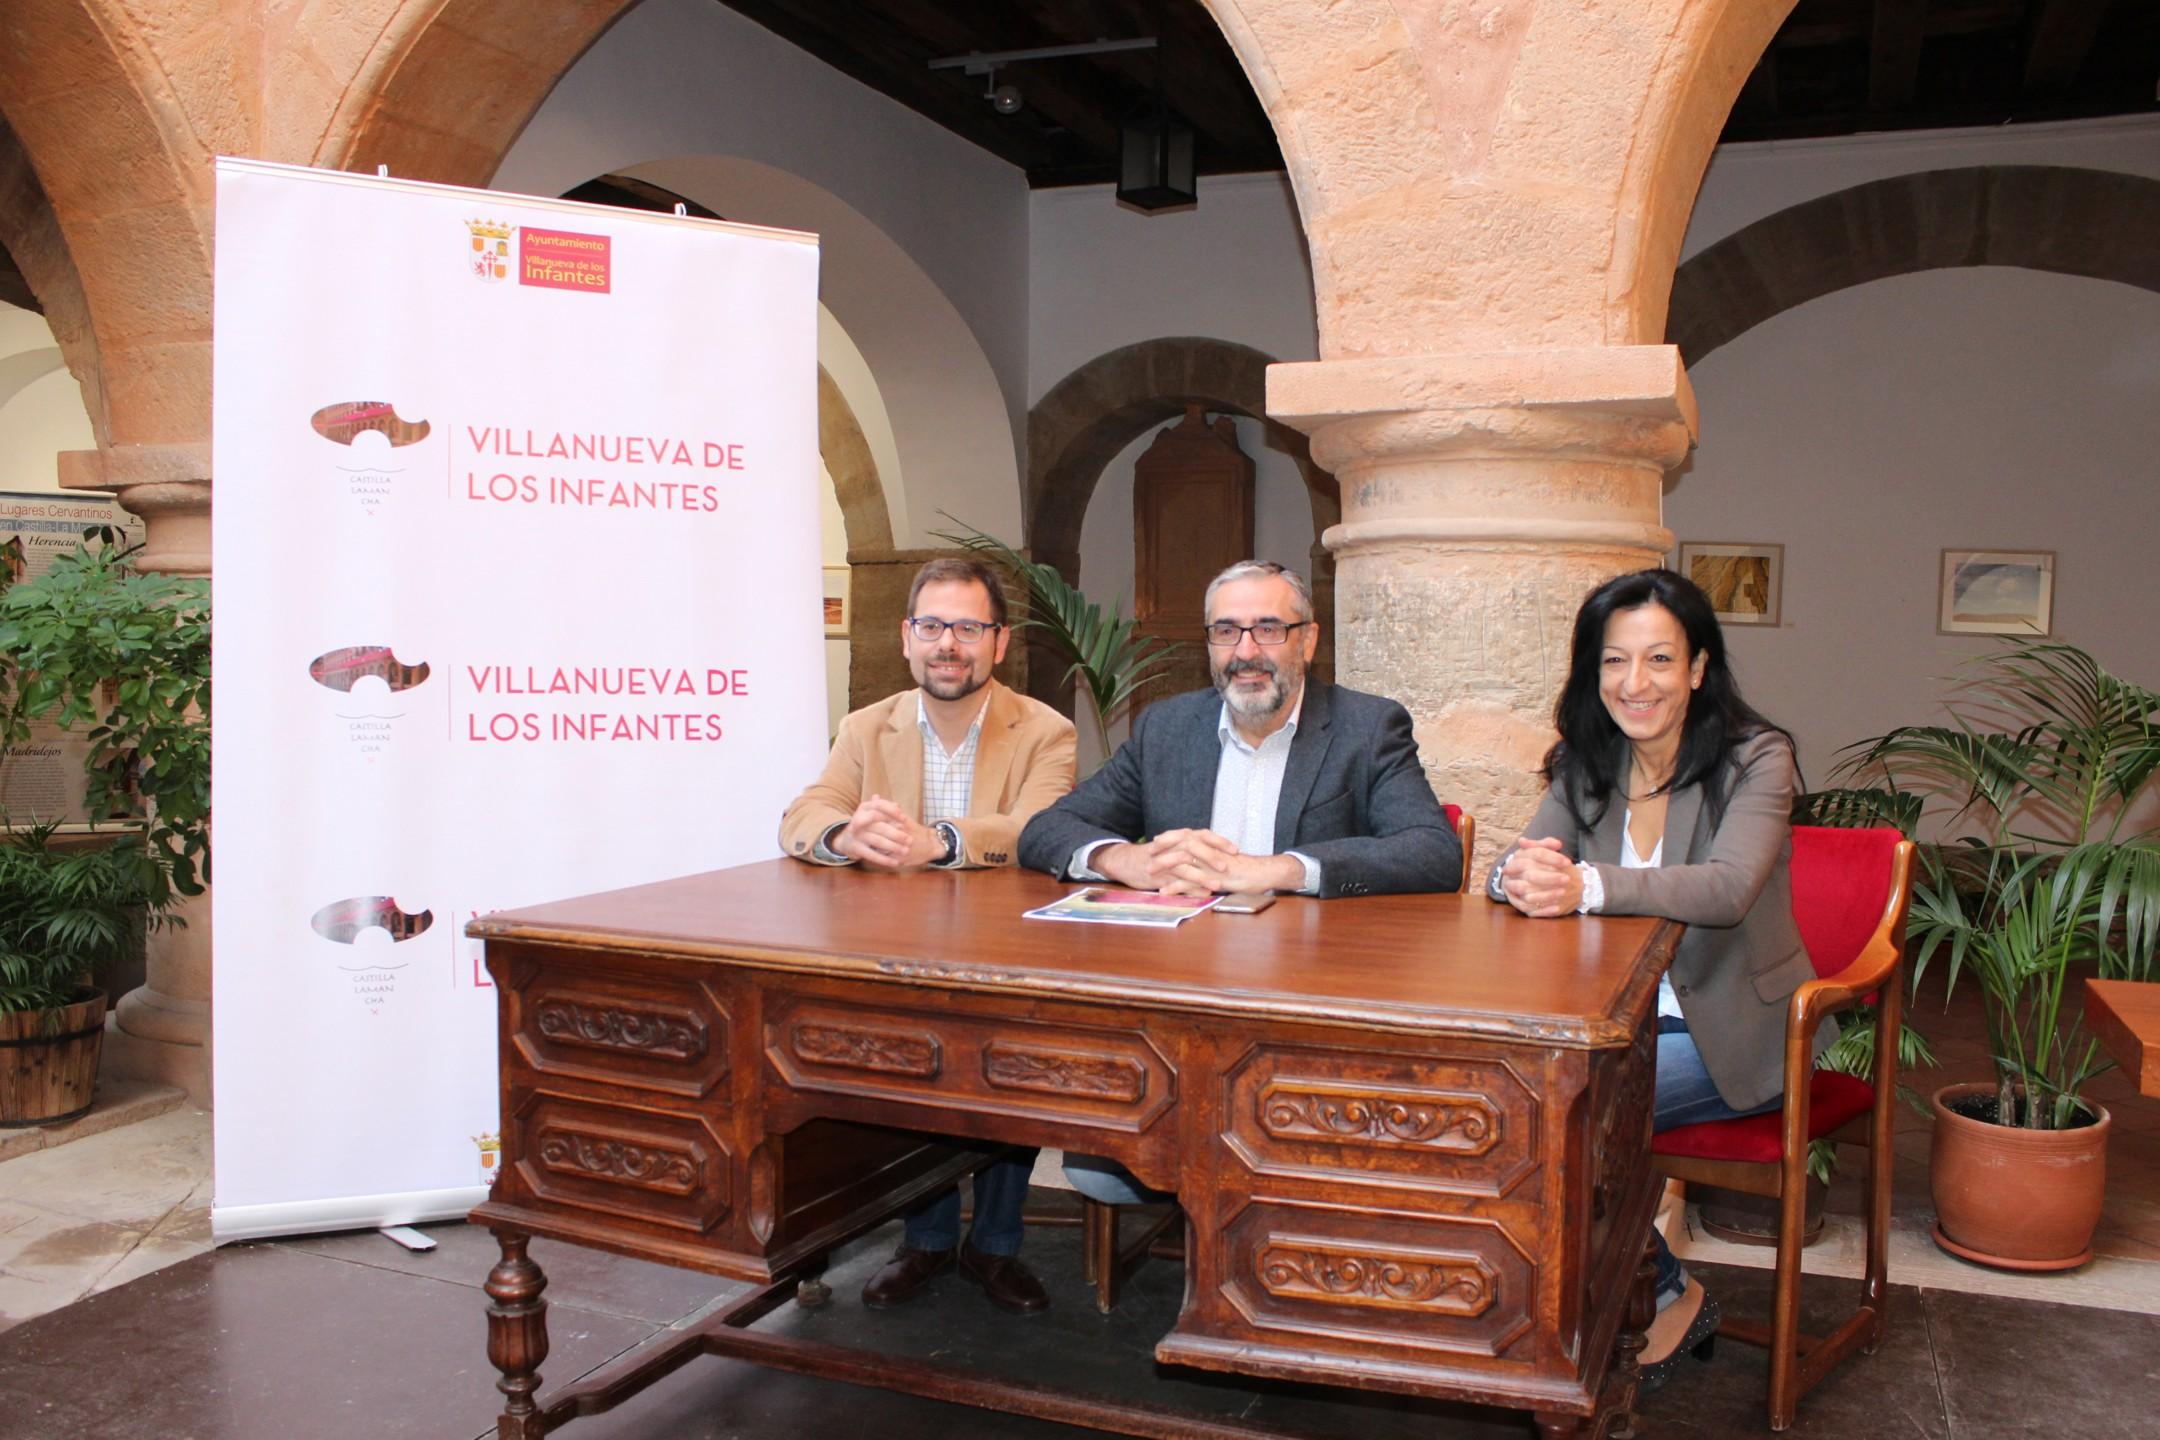 El Vicepresidente de la Diputación presenta los Encuentros con Cervantes en Villanueva de los Infantes